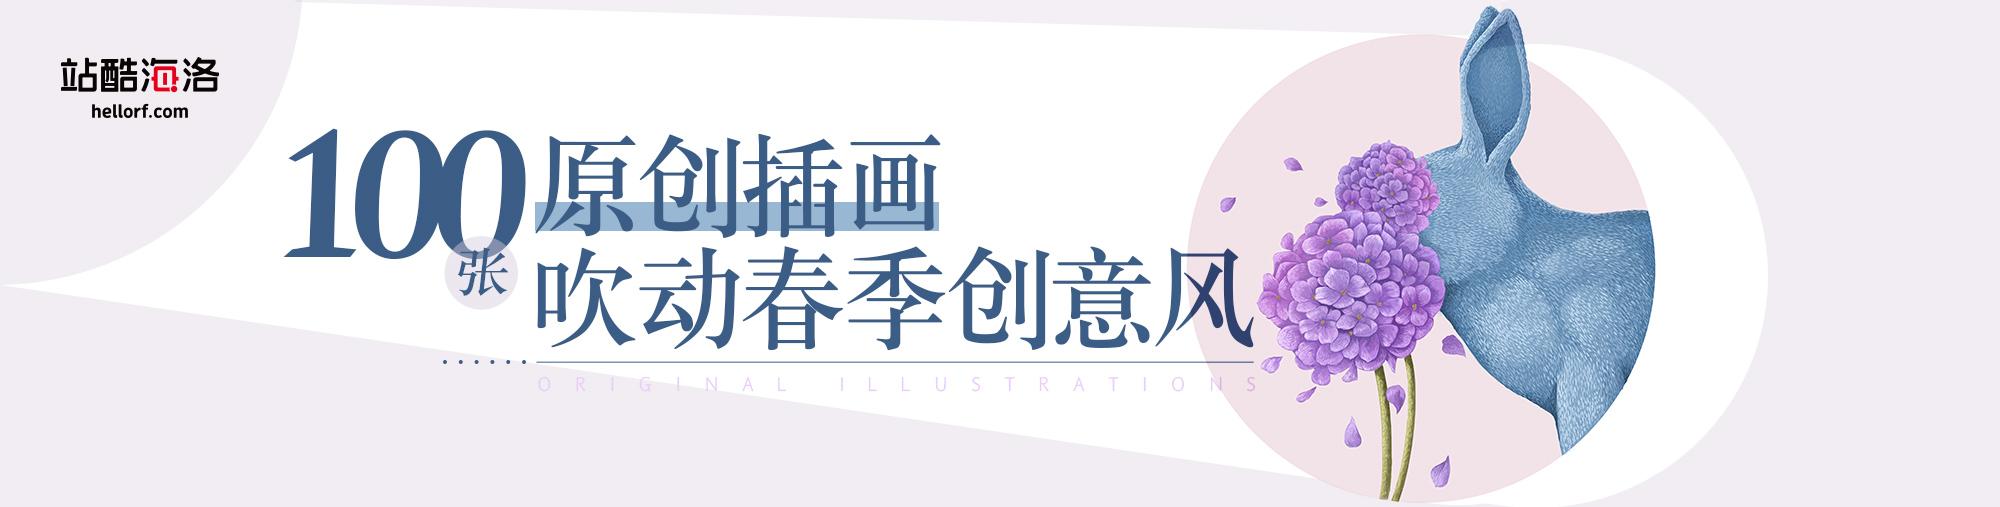 仲春之风.jpg